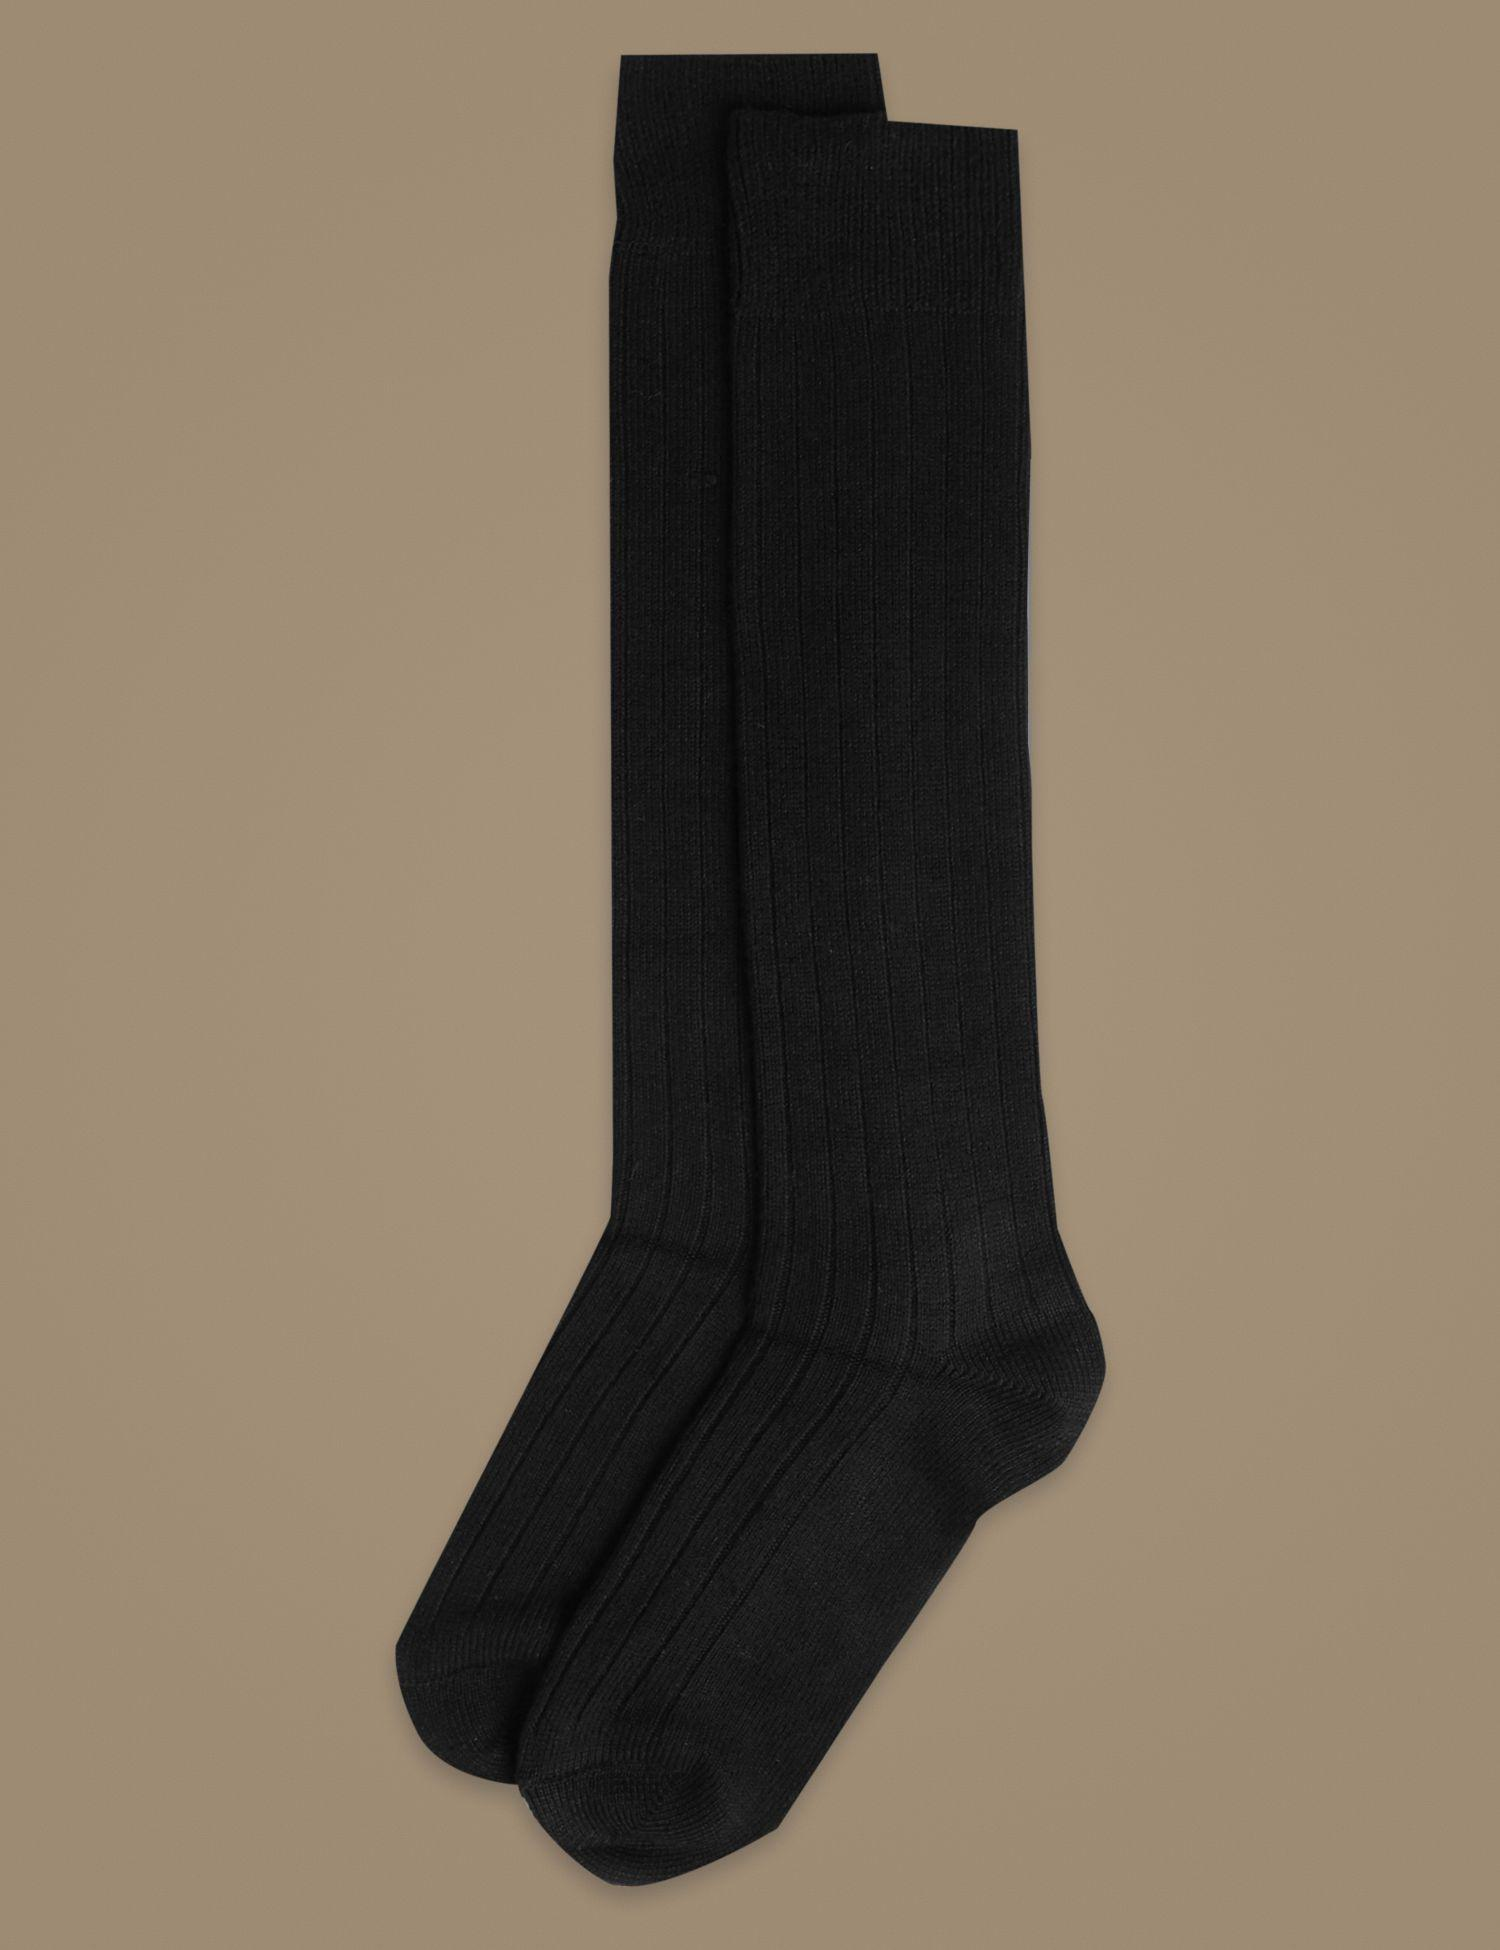 cf2308641 Marks   Spencer 2 Pair Pack Thermal Knee High Socks in Black - Lyst